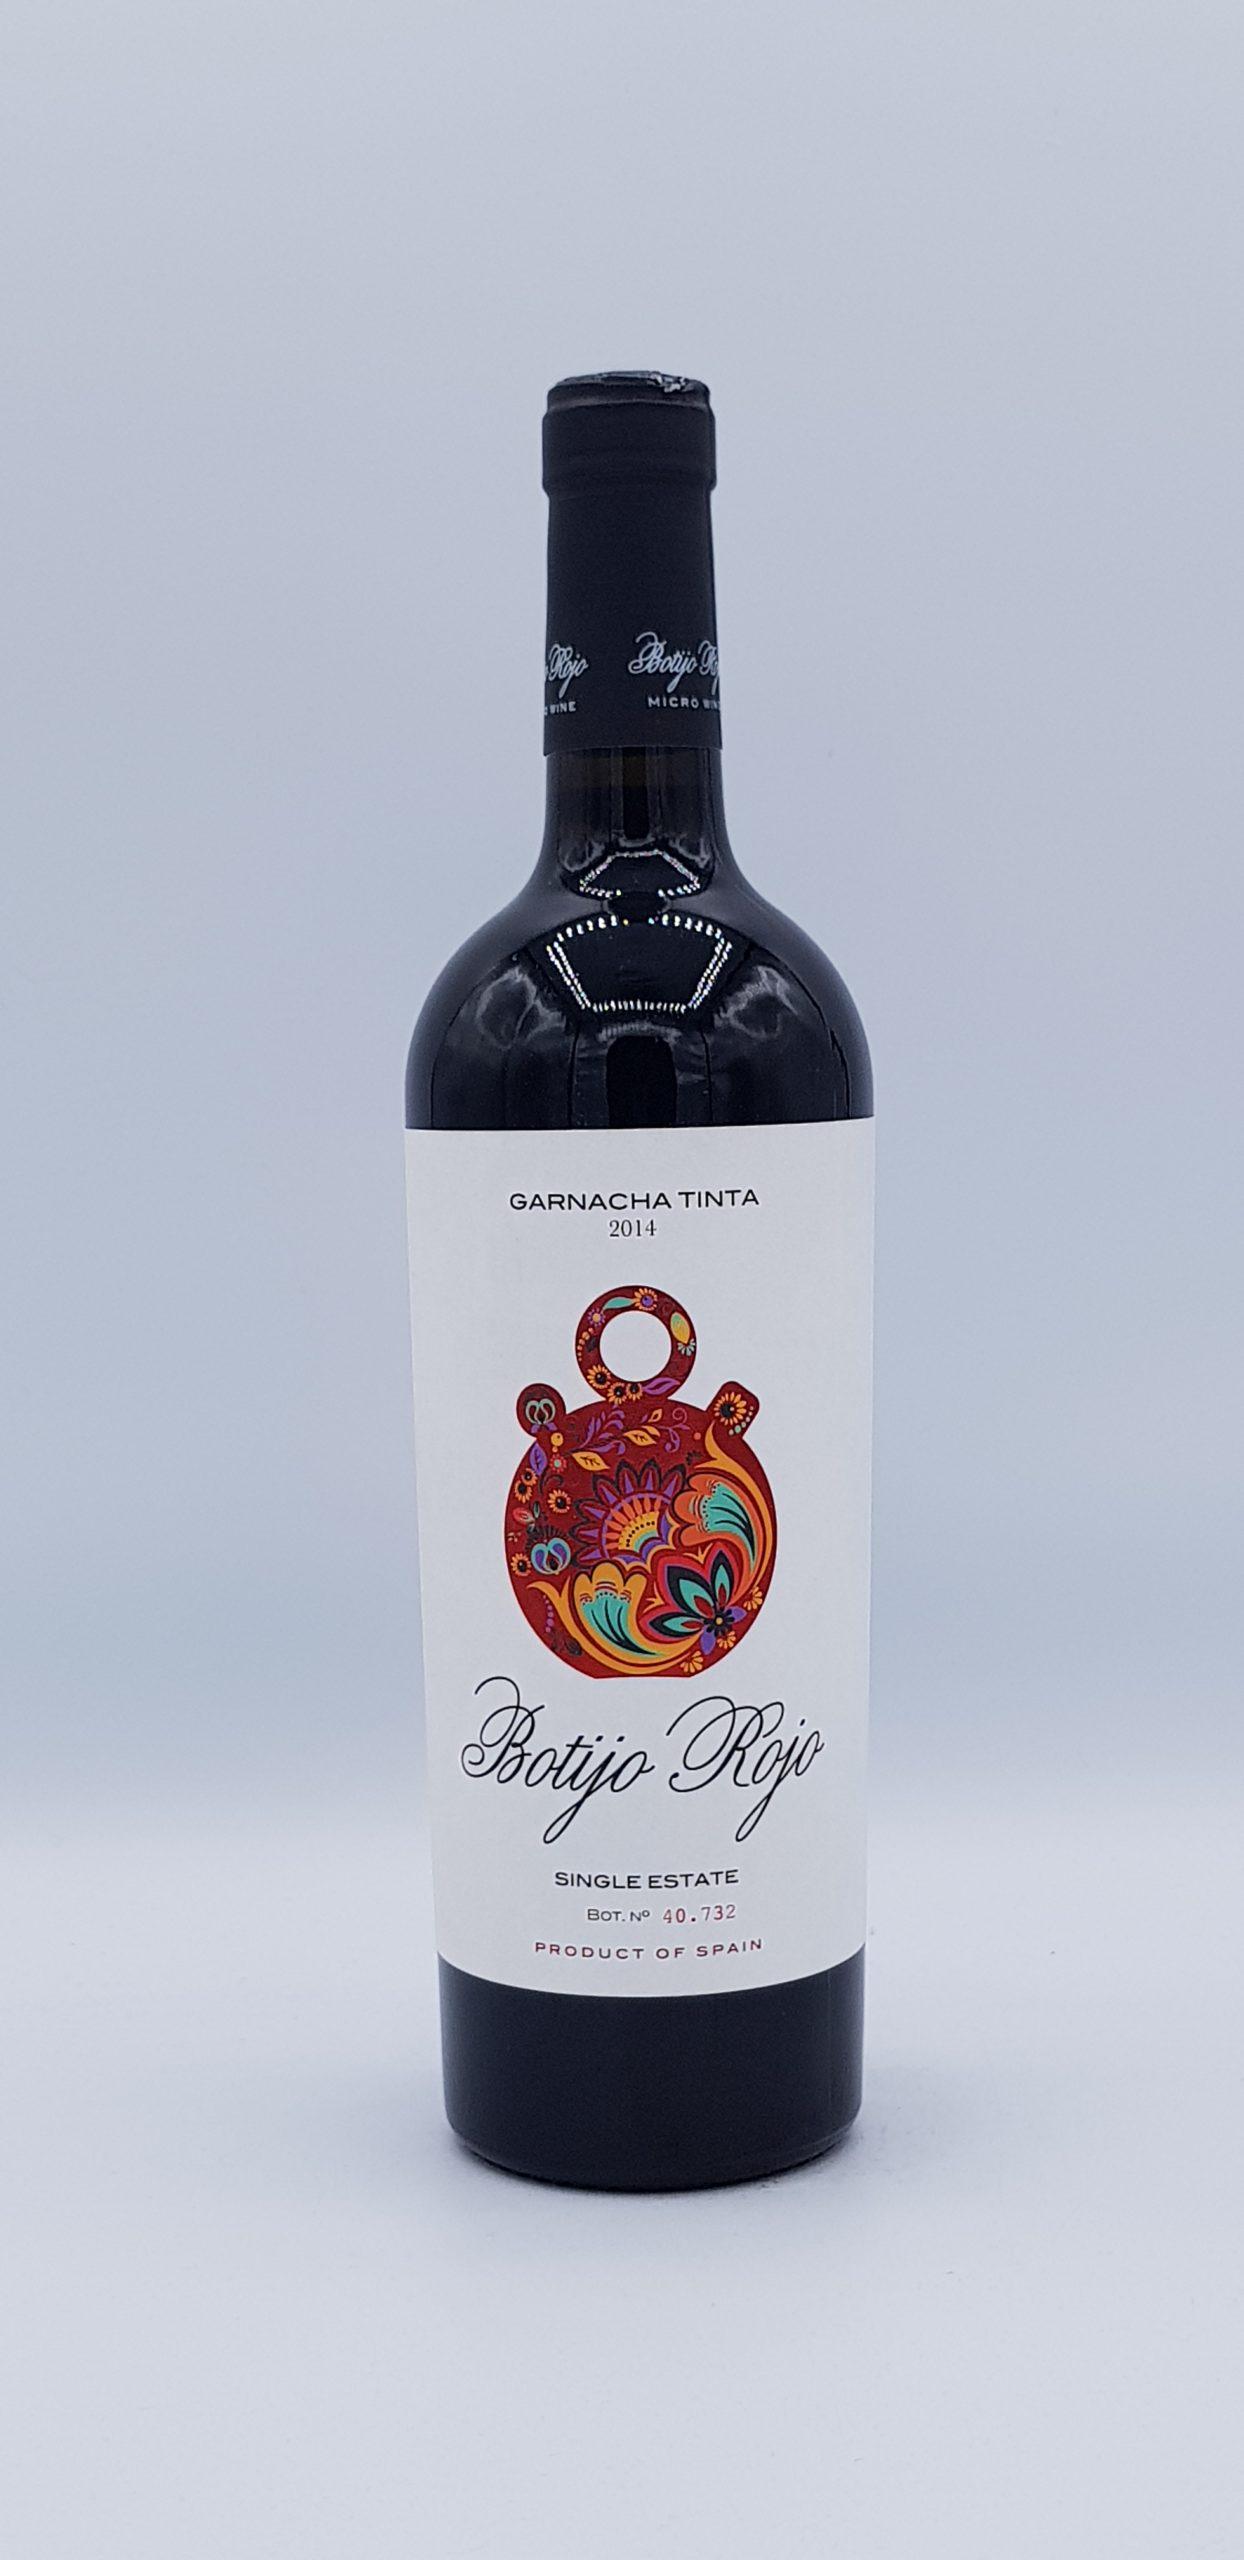 Botijo Rojo 2014 The Garage Wine Igp Valdejalon Spain